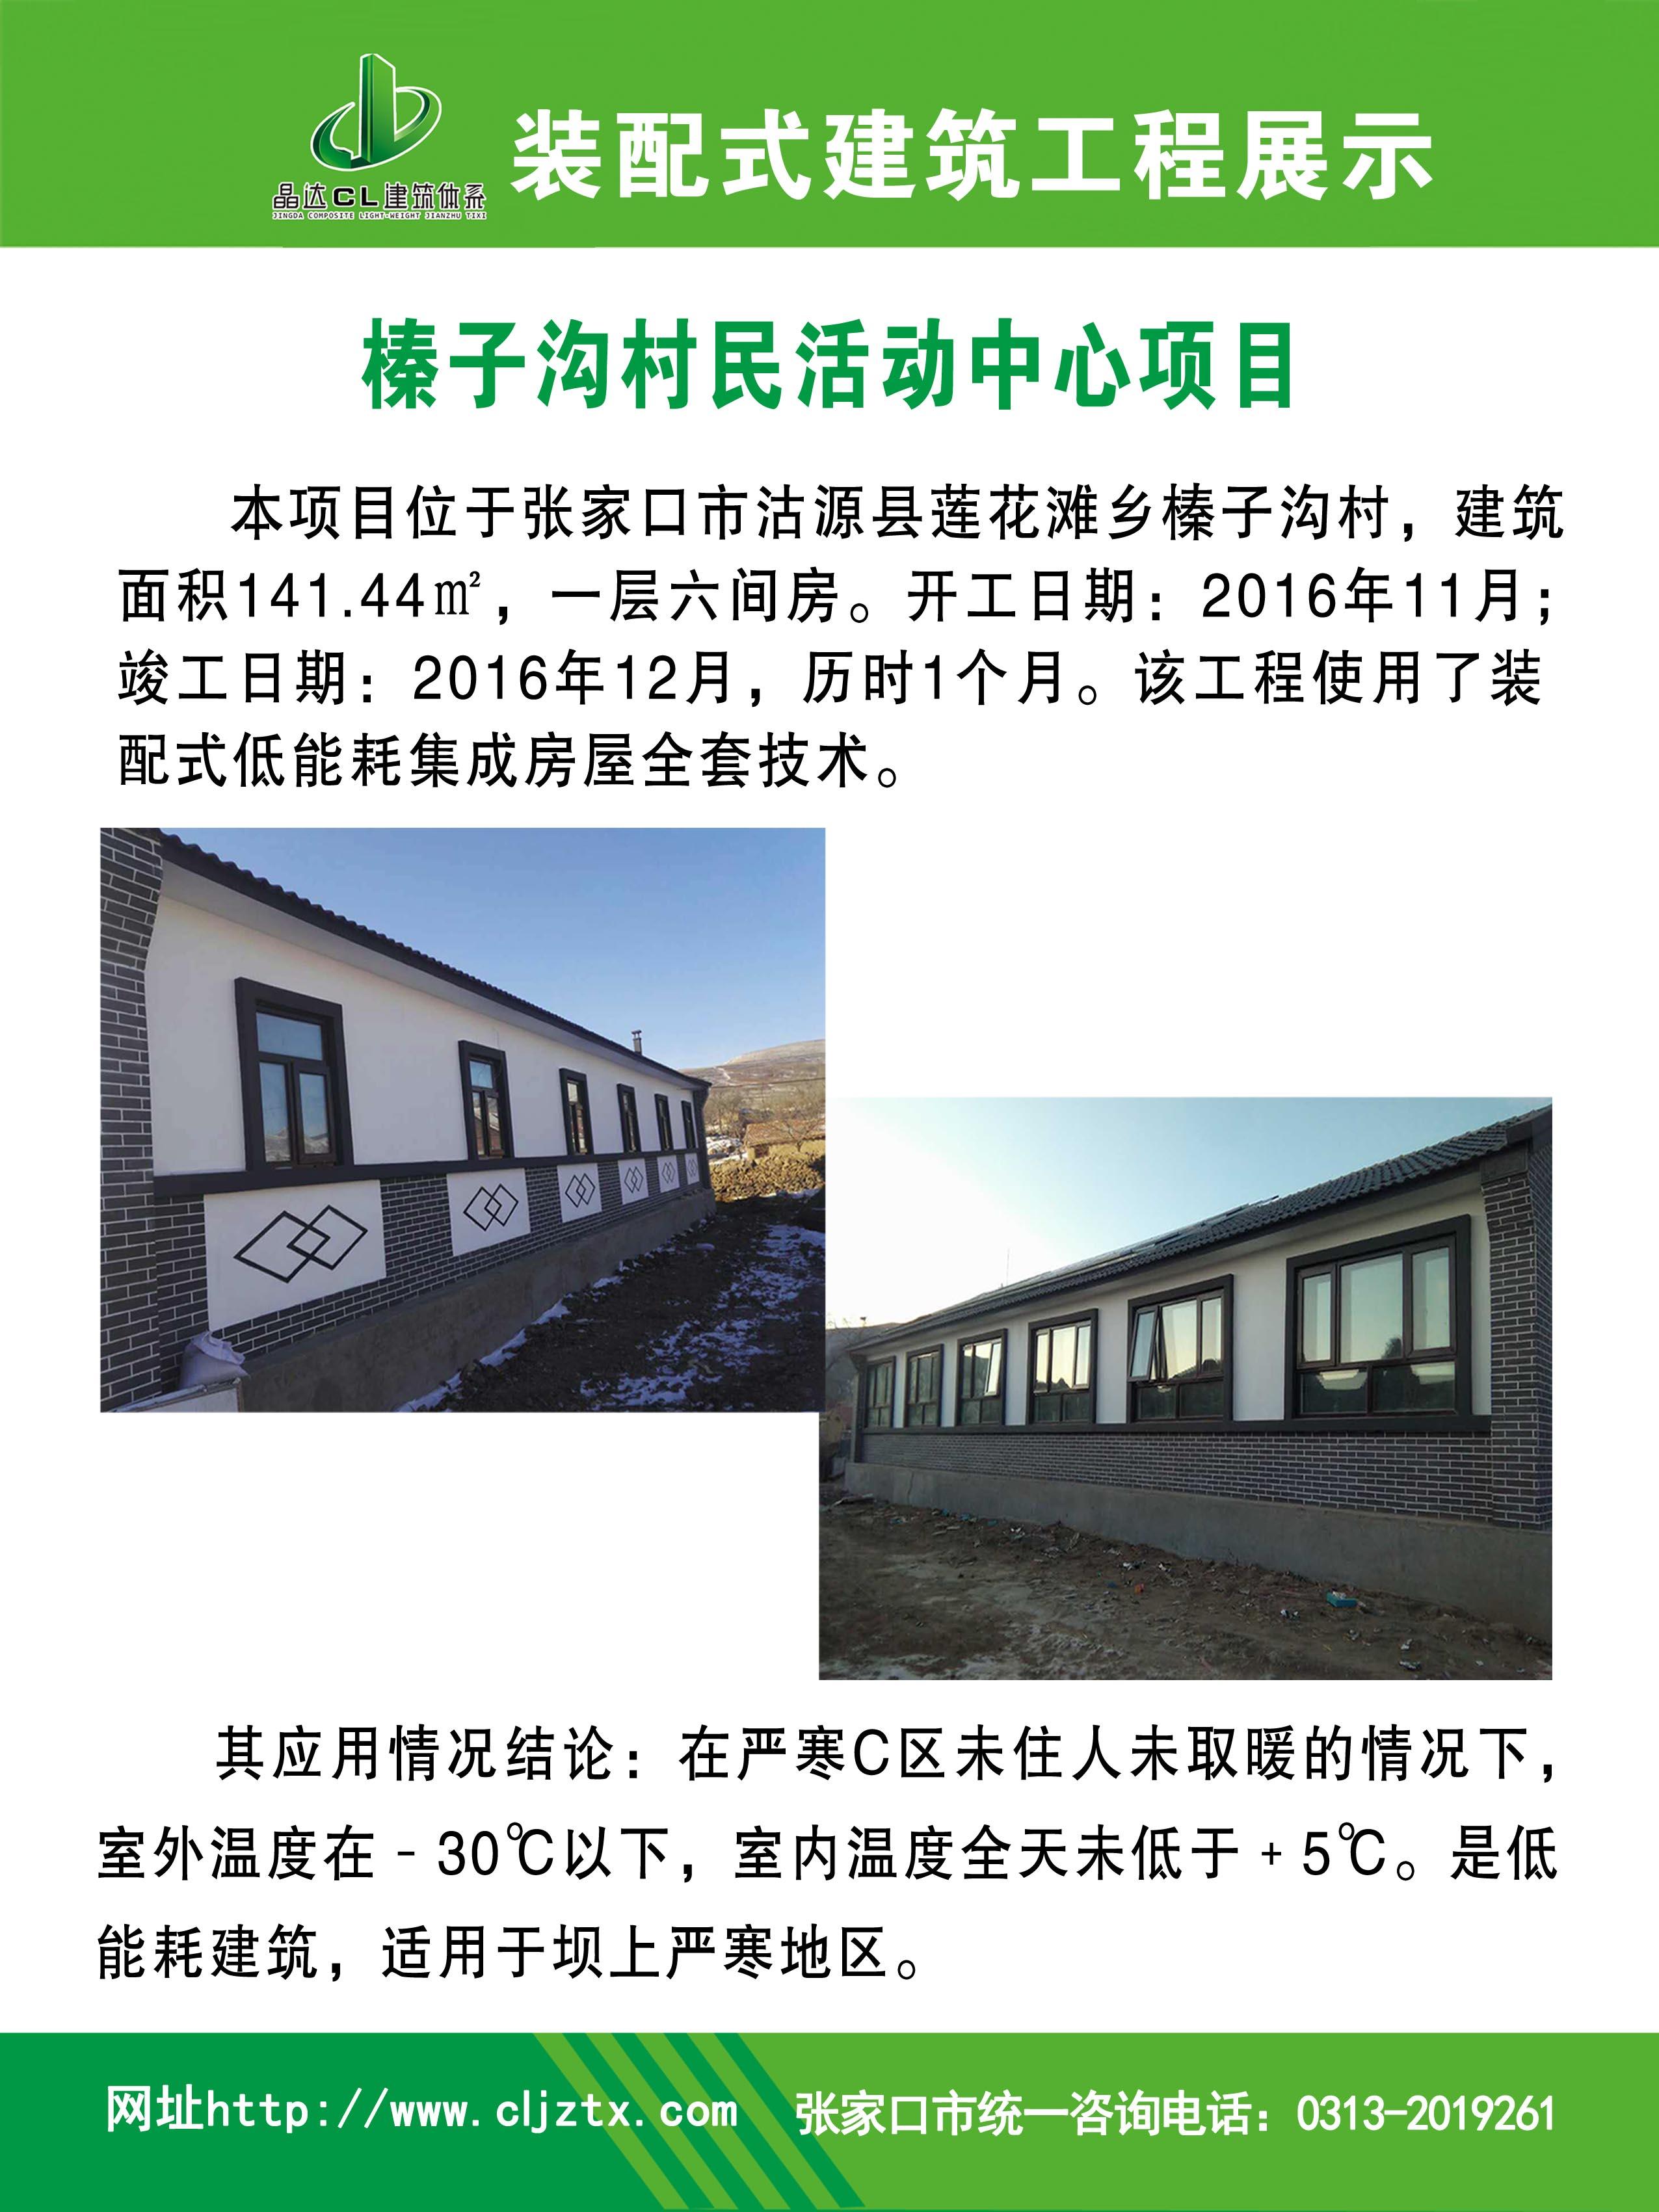 榛子沟村名活动中心